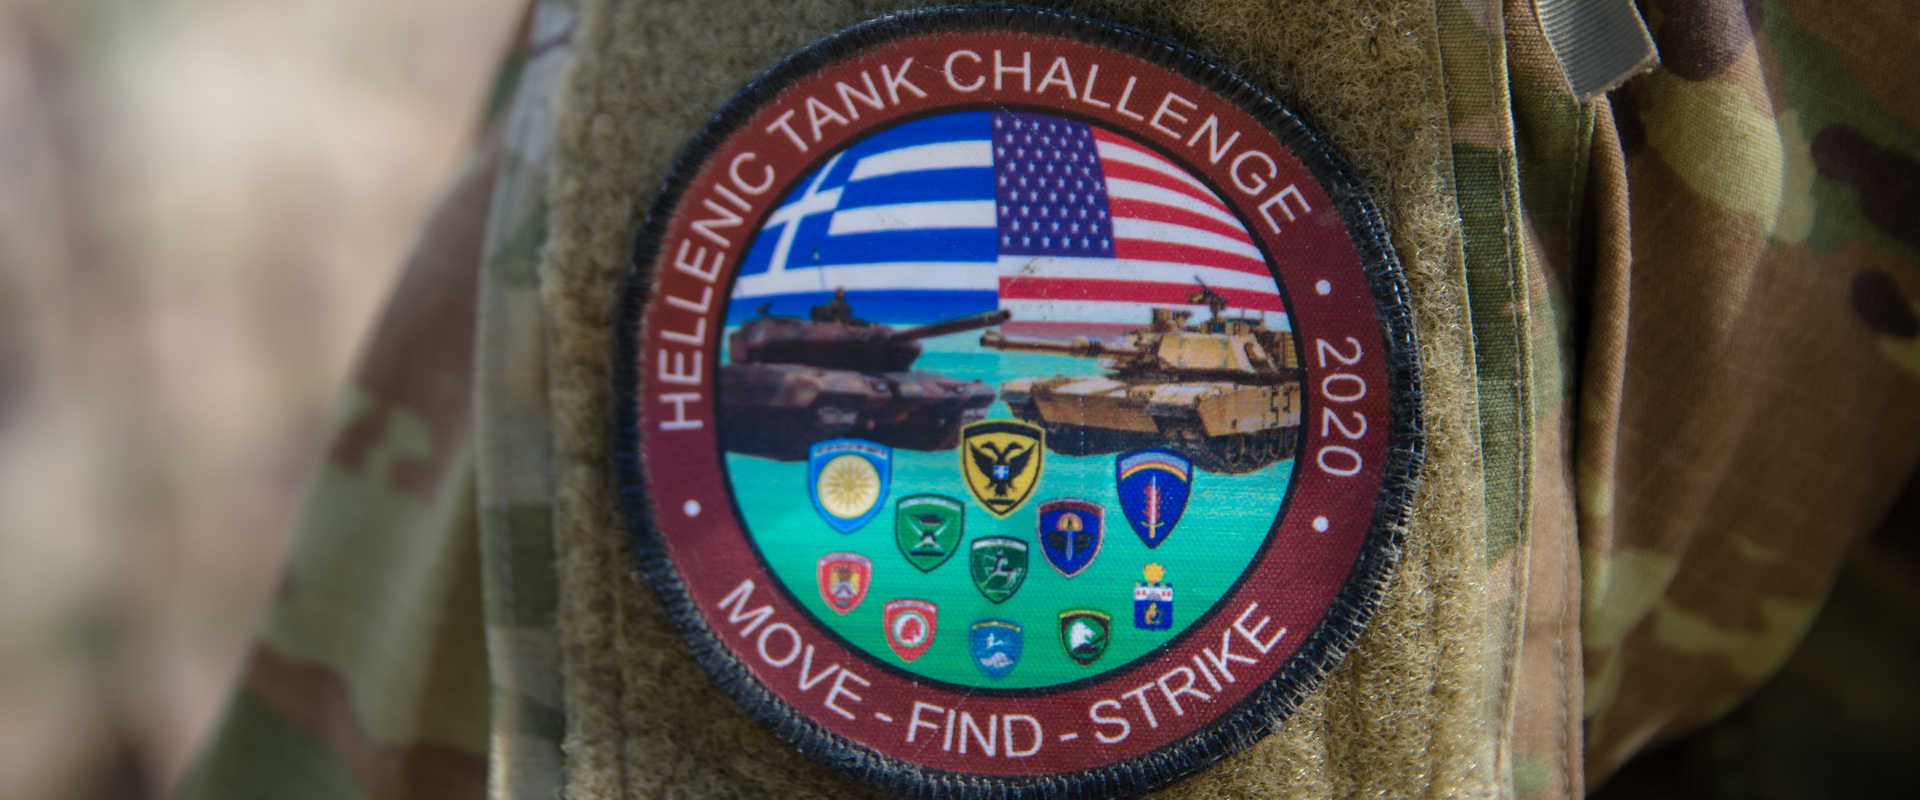 Συνεκπαίδευση με τις ΗΠΑ το Σεπτέμβρη 2020 Ουλαμών Αρμάτων των Μονάδων Τεθωρακισμένων που διαθέτουν άρματα LEO2 (A4 και HEL) στο Πεδίο Βολής Αρμάτων στο Πετροχώρι Ξάνθης